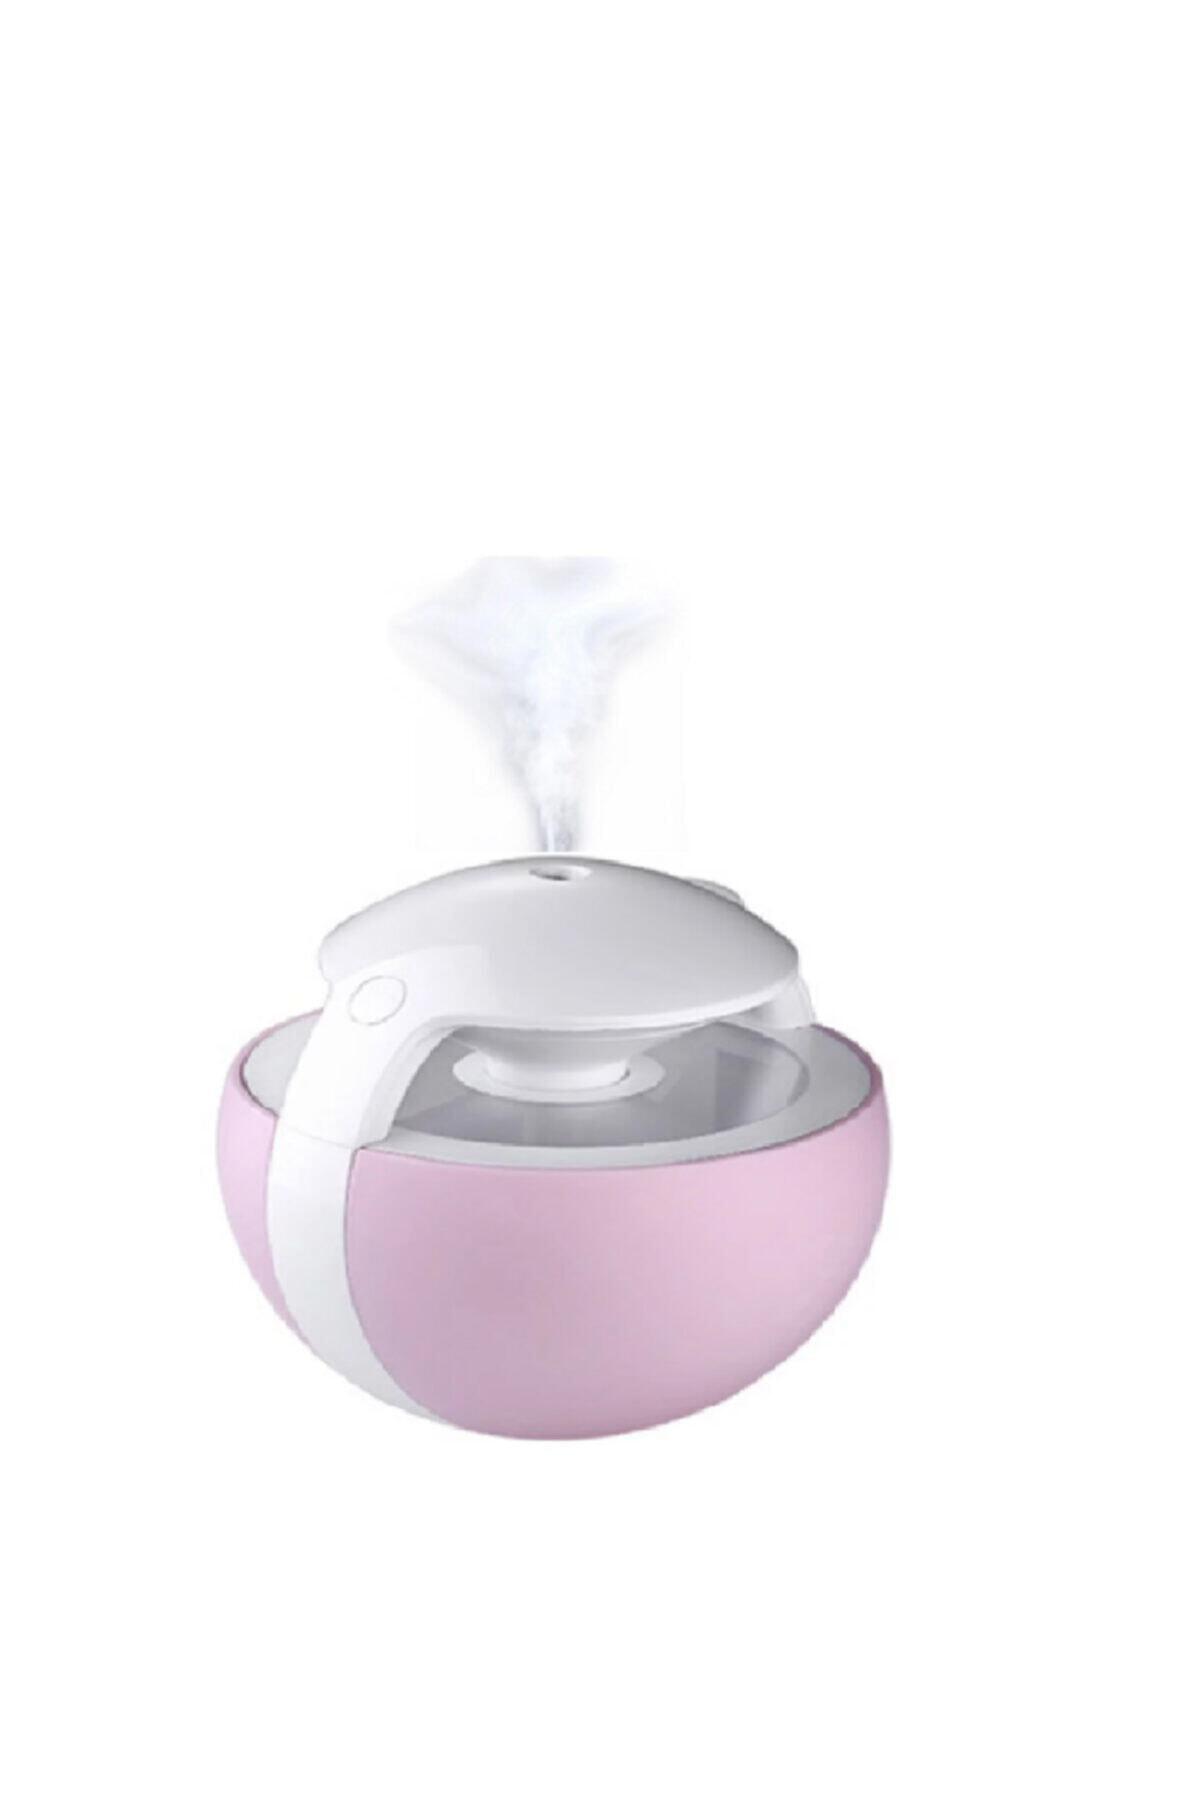 Kakusan Işıklı Su Hazneli Hava Nemlendirici Buhar Makinesi Aroma Nemlendirici 450 ml 1